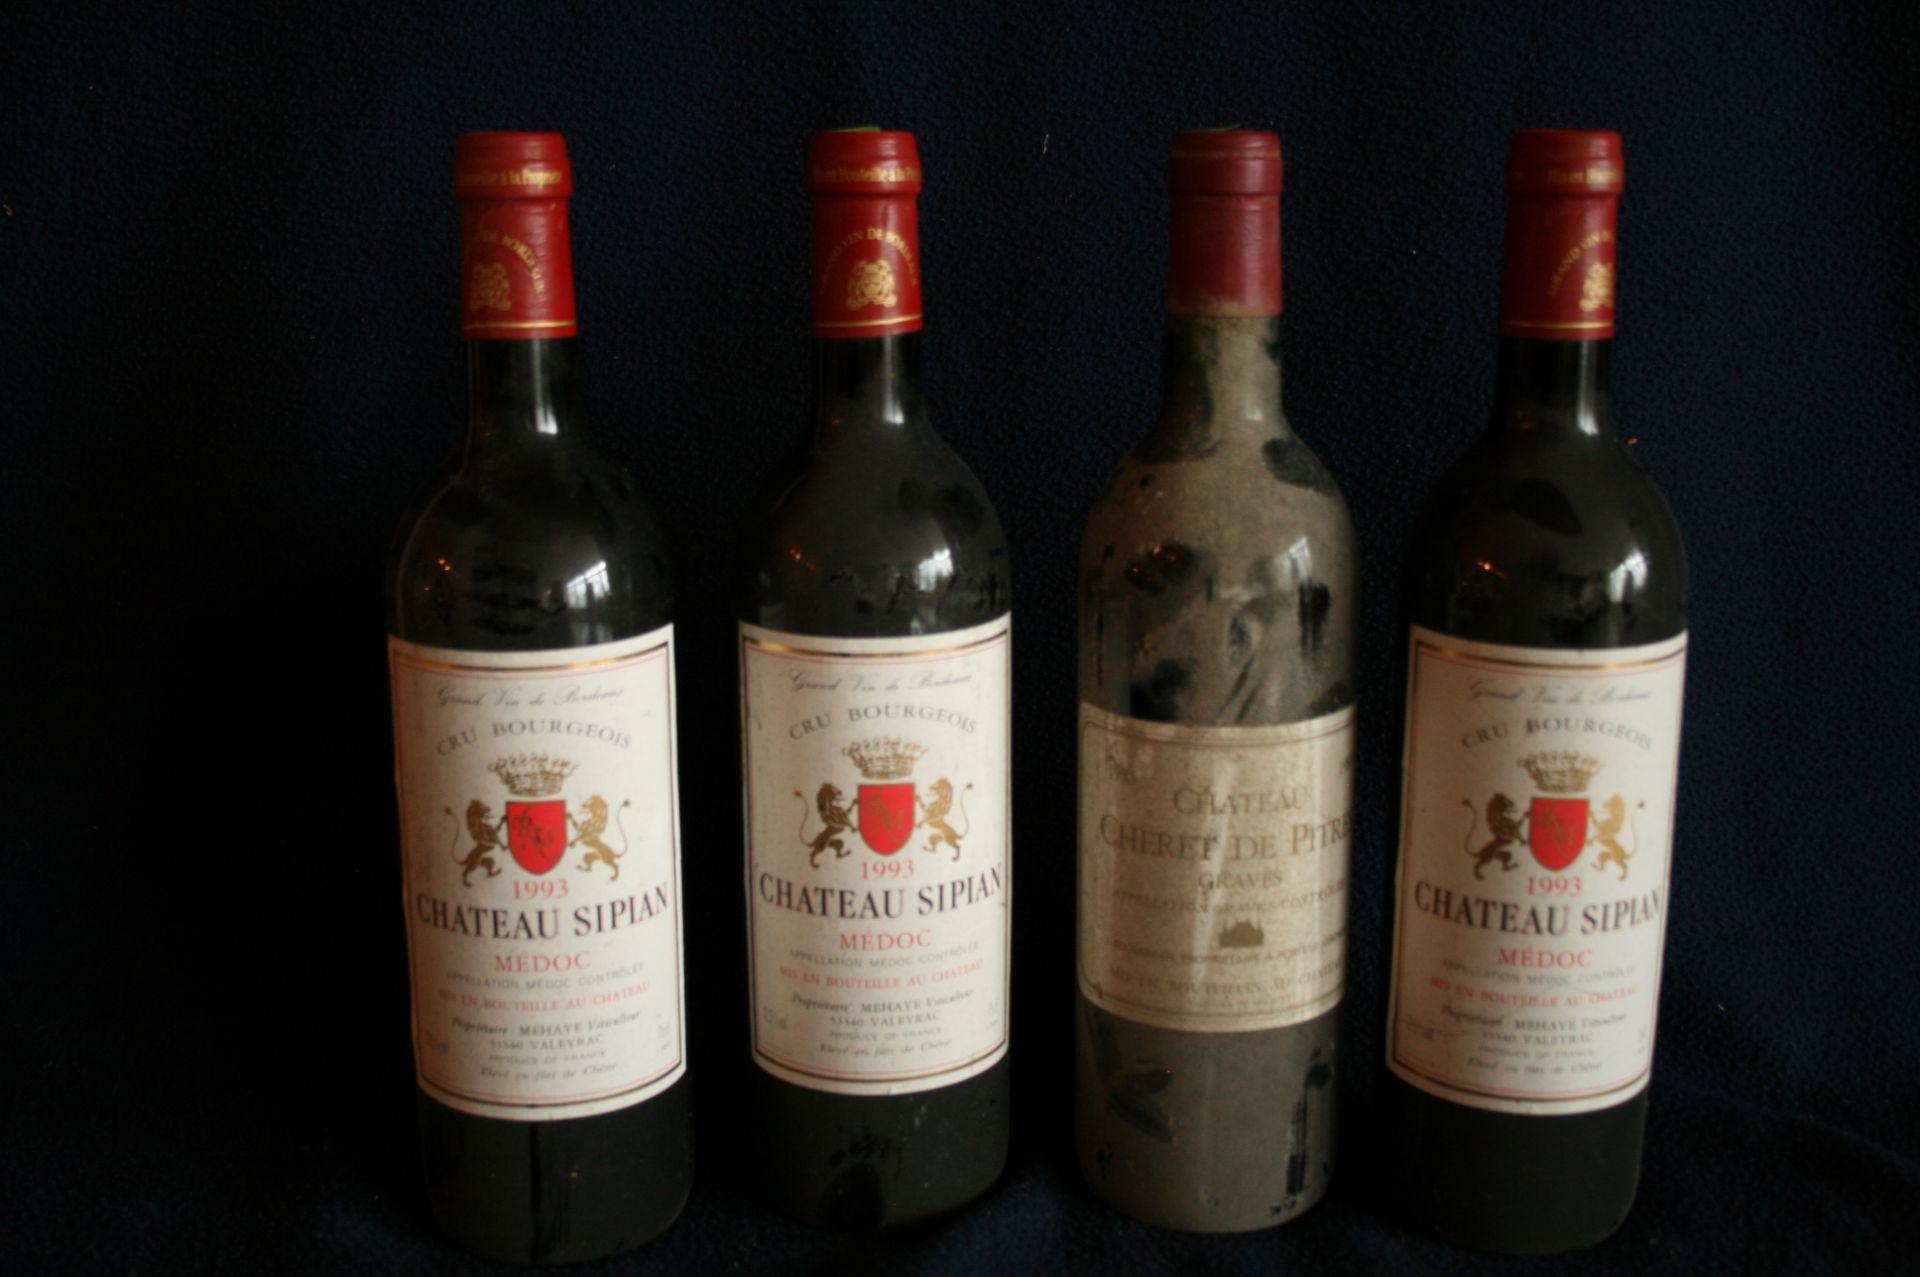 3 bouteilles de BORDEAUX, MEDOC, Château SIPIAN, rouge, 1993 + 1 bouteille de [...]